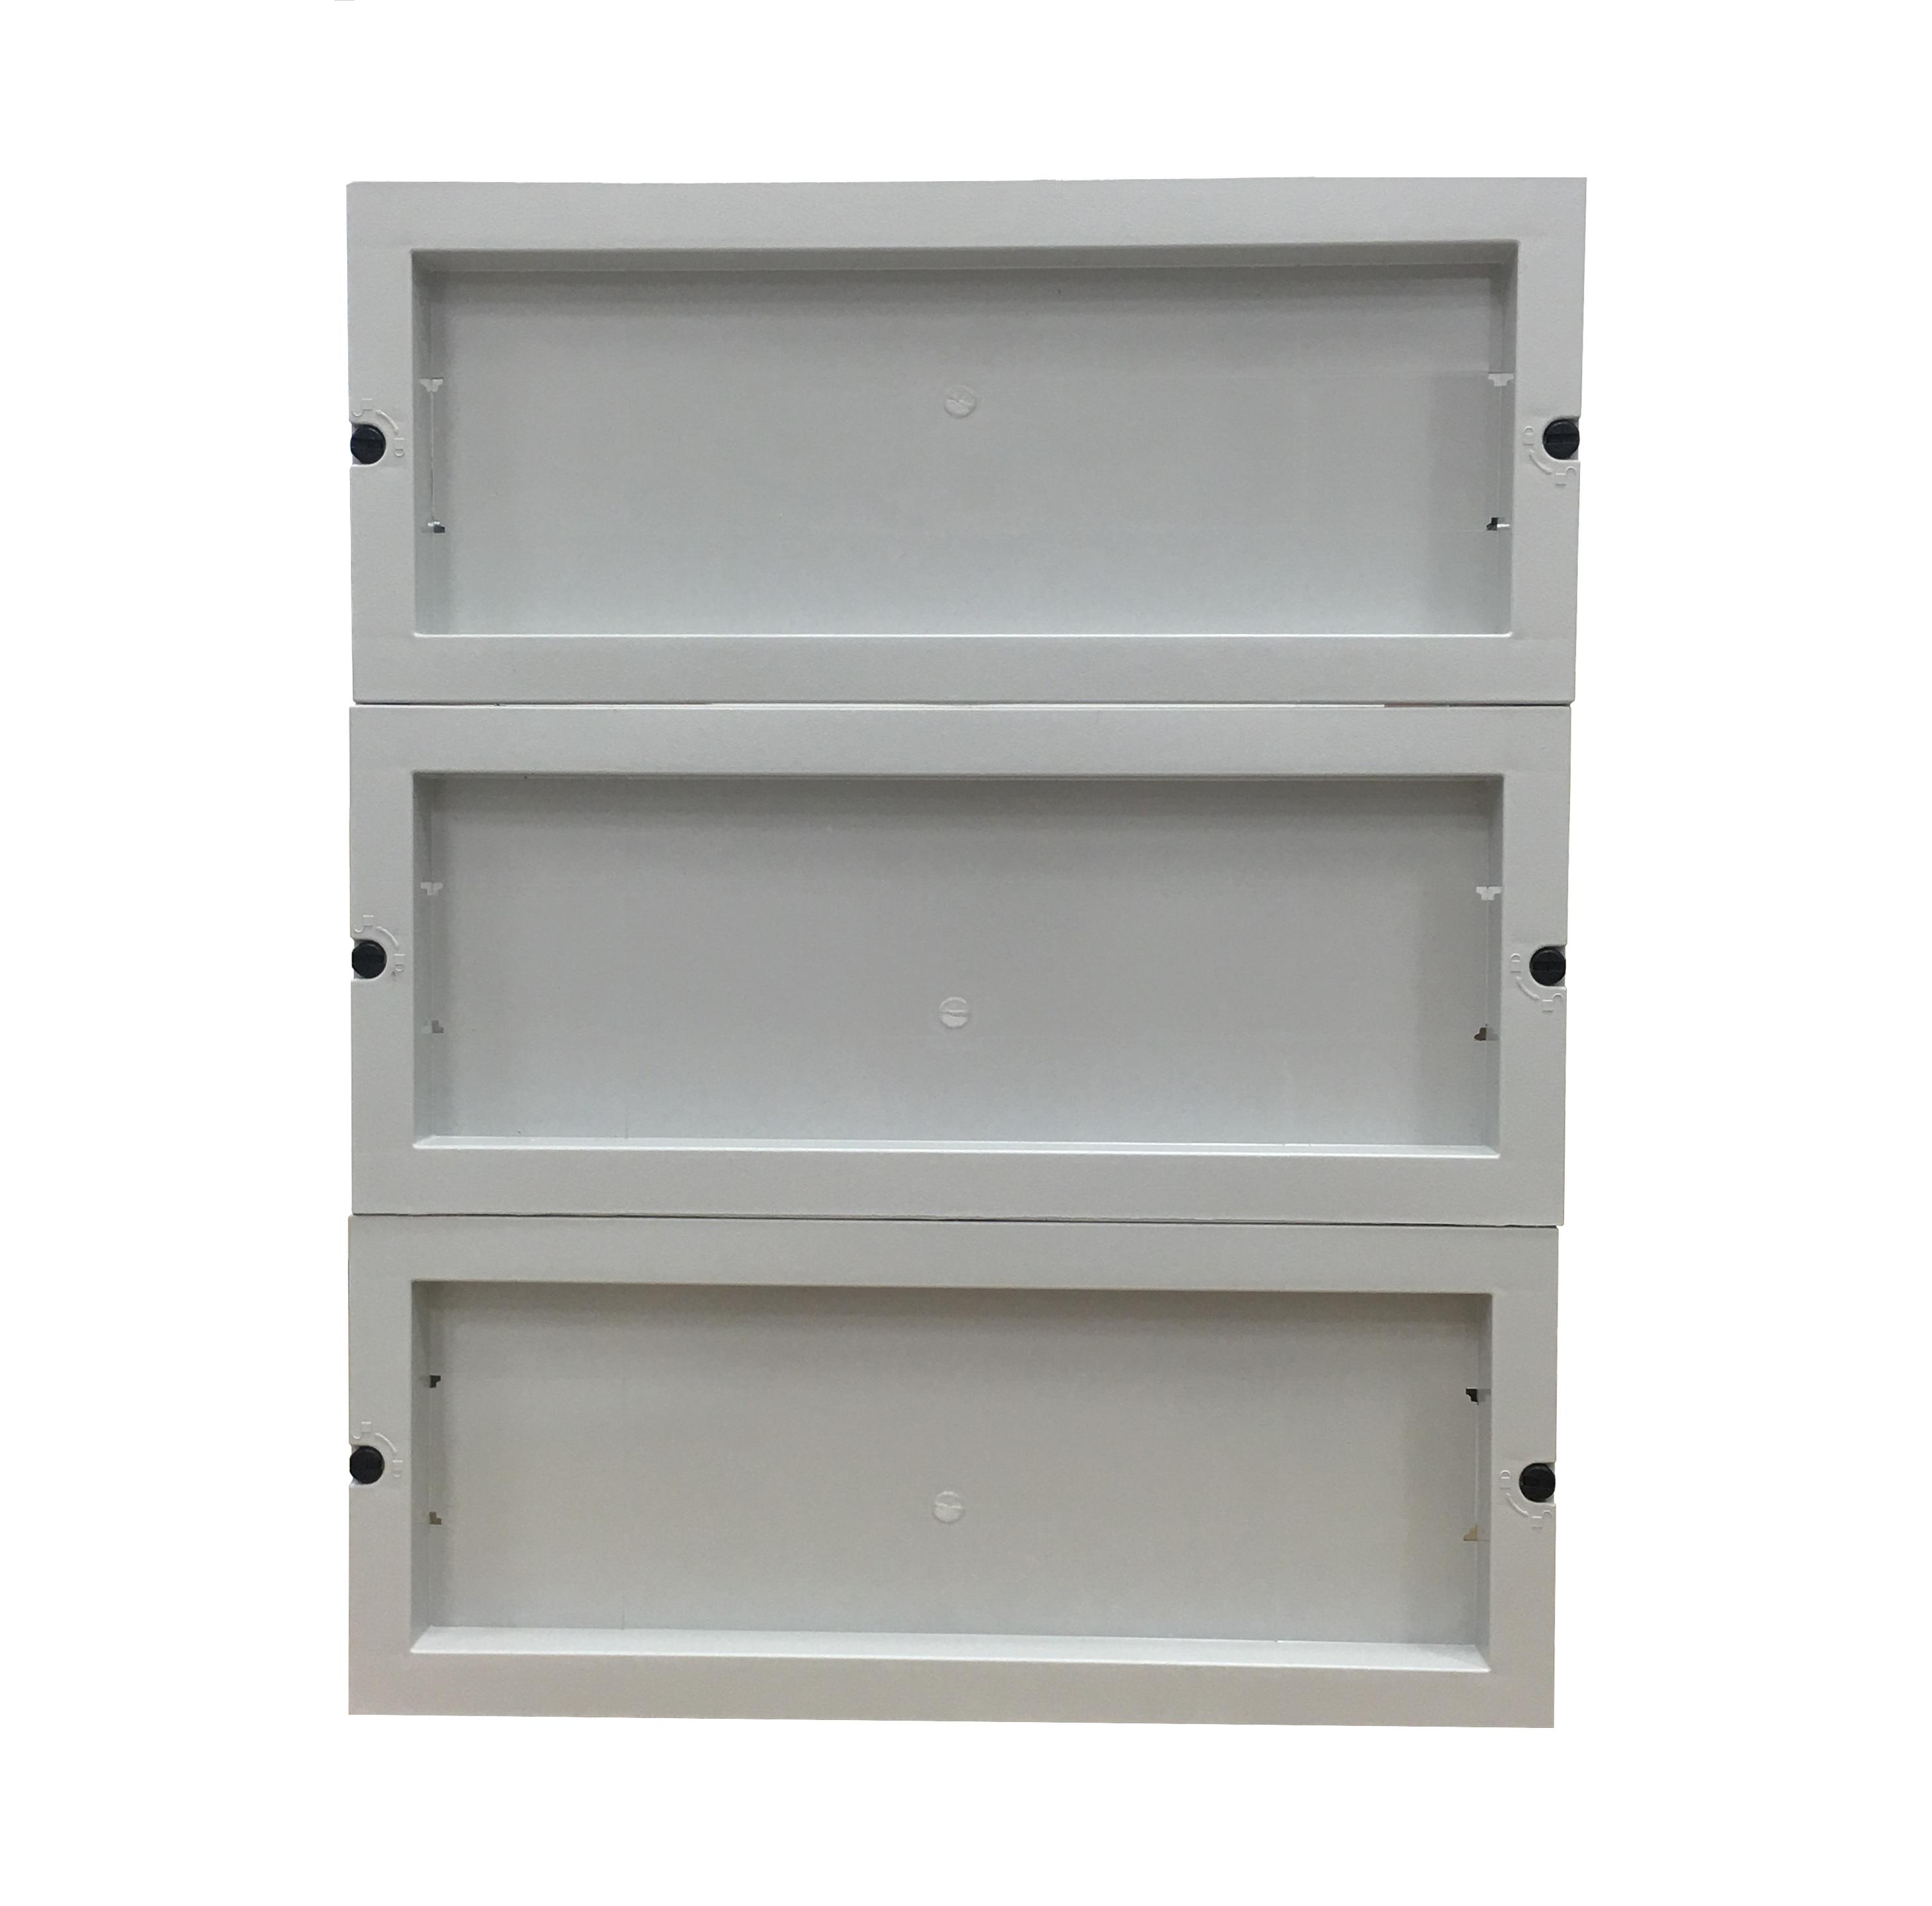 1 Stk Installationseinsatz für 600x500, 3x23 TE IMCH0065--